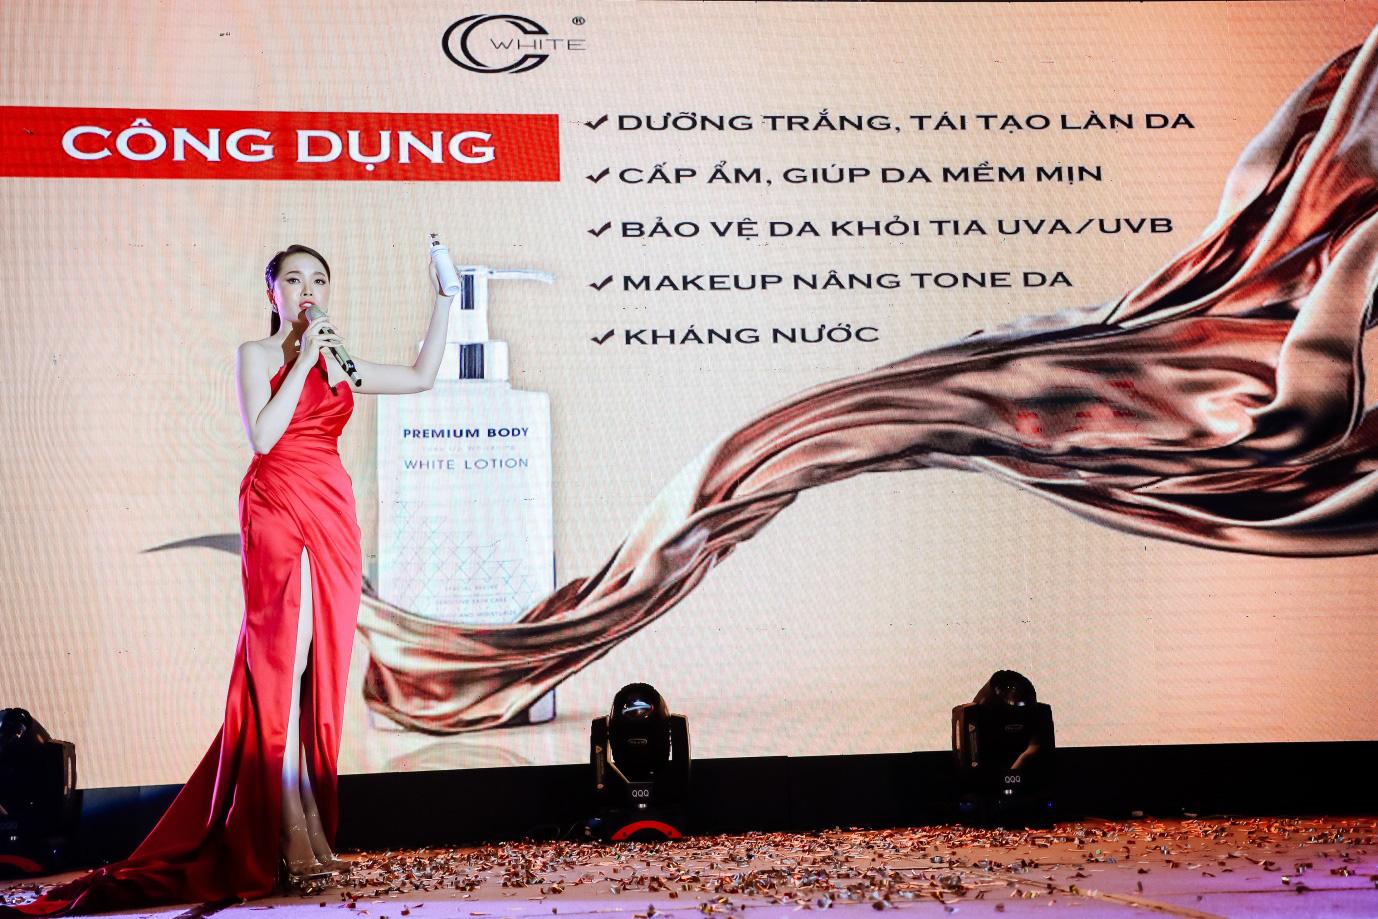 Á hậu Huyền My đồng hành cùng thương hiệu mỹ phẩm CC.WHITE ra mắt sản phẩm mới - Ảnh 6.